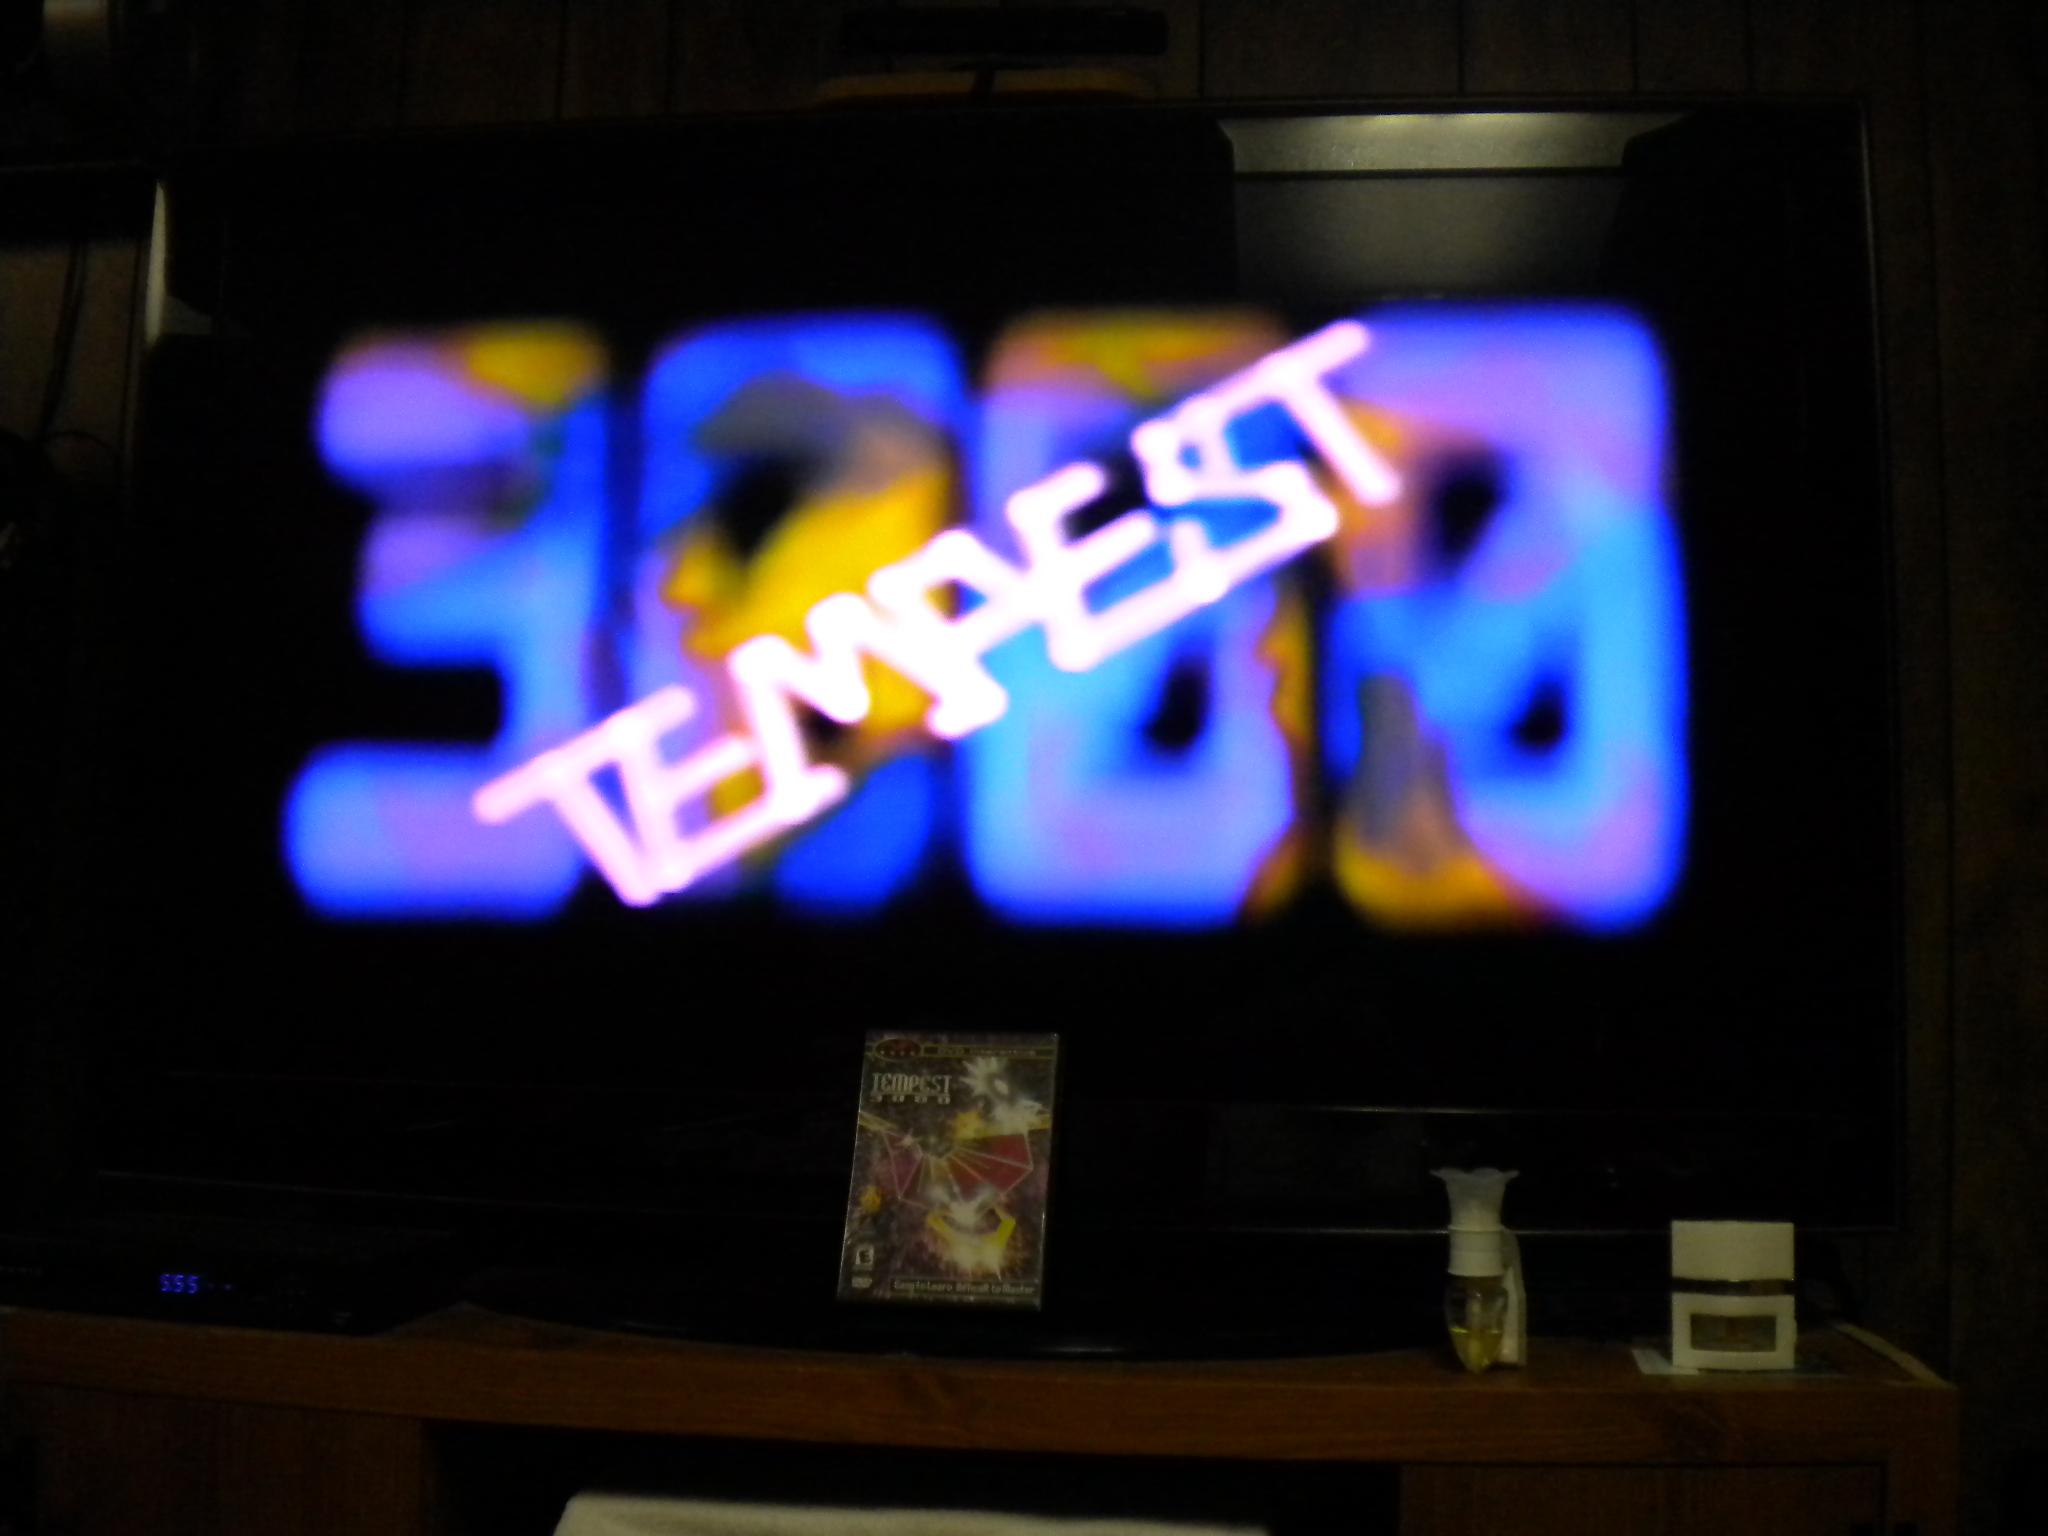 Tempest 3000 175,979 points